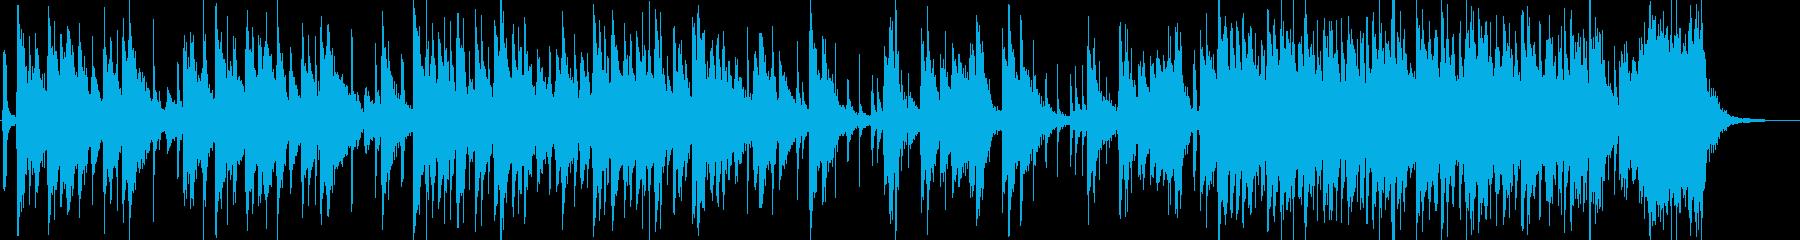 日本伝統音楽5(和太鼓)の再生済みの波形